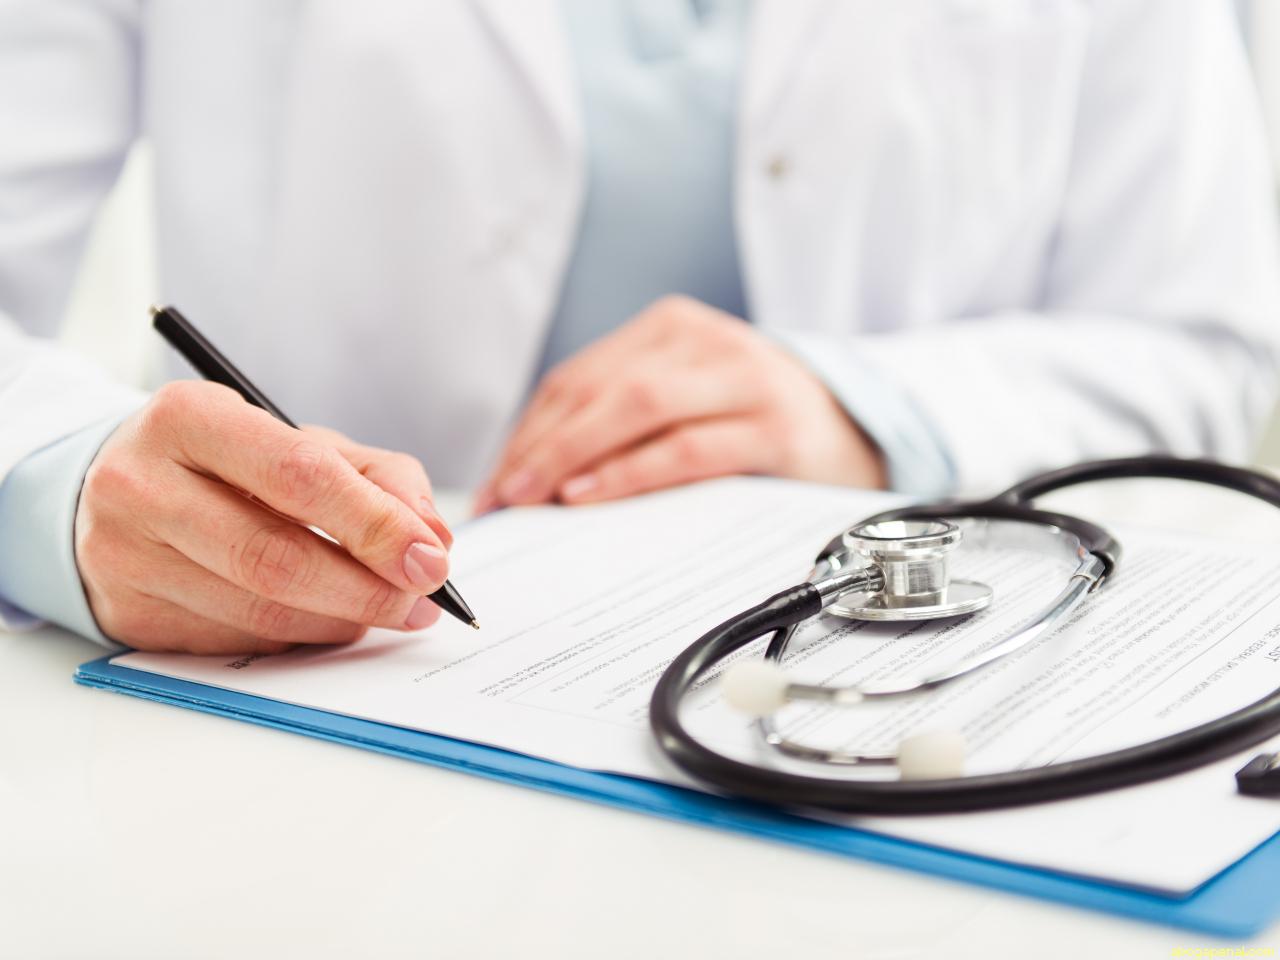 tratamiento médico integral en mérida